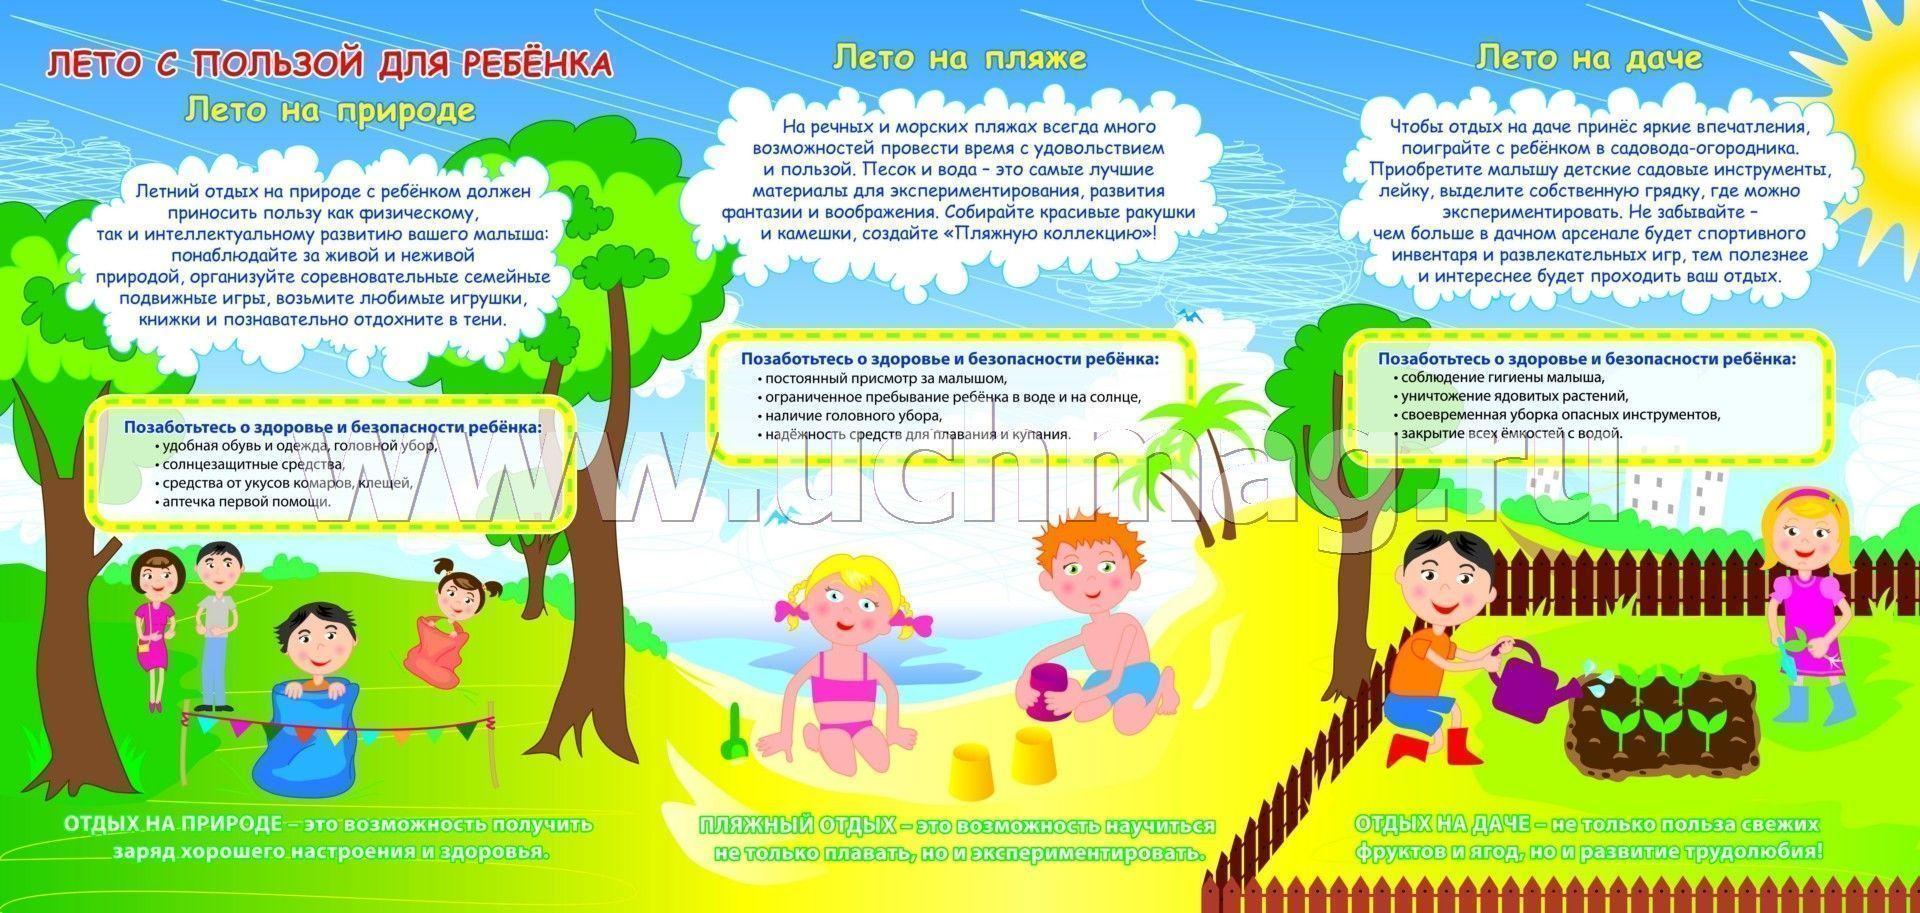 Информация для родителей про лето картинки